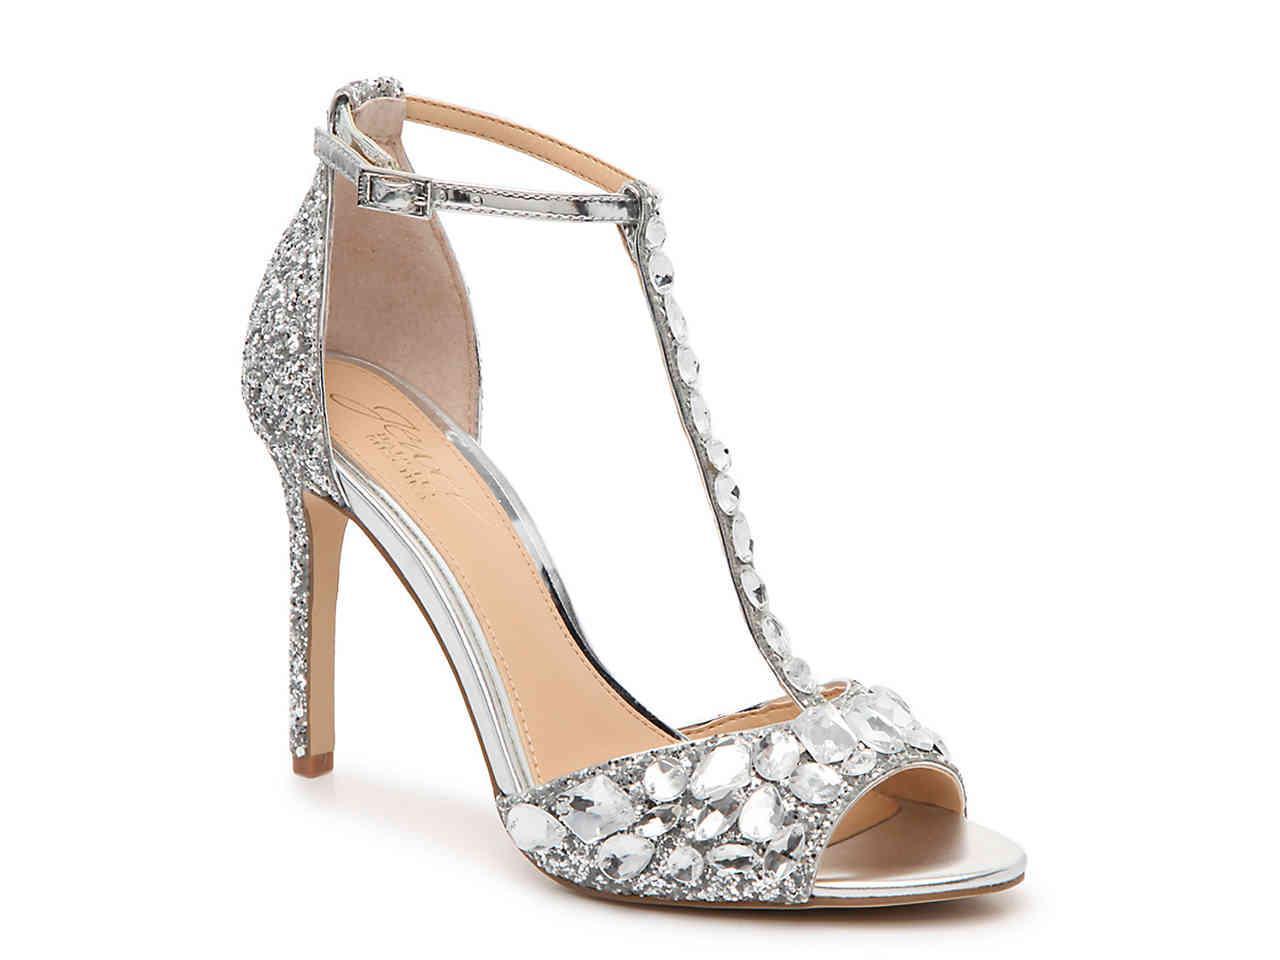 9f7cd090e003 Lyst - Badgley Mischka Graciella Sandal in Metallic